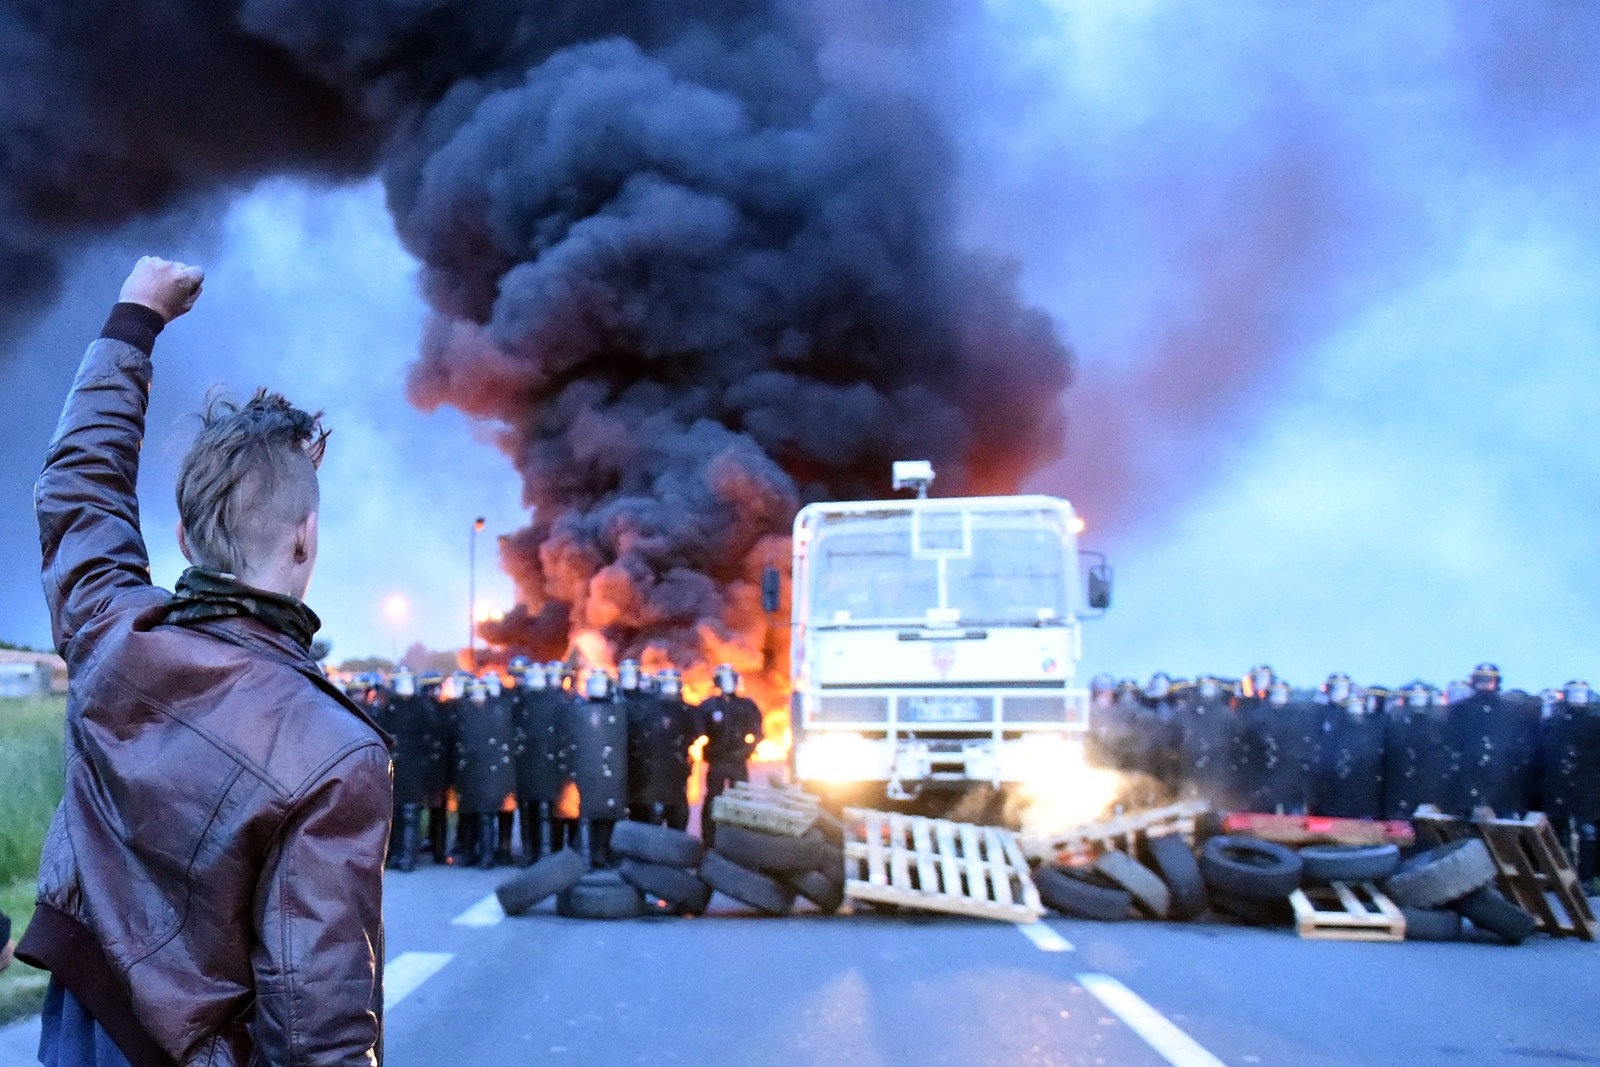 DEMONSTRASJON 3: Opprørspoliti tok oppstilling foran streikende arbeidere som blokkerte inngangen til et oljeraffineri i Douchy-Les-Mines, Frankrike. Demonstrantene protesterer mot arbeidslivsreformene den franske regjeringen vil innføre.